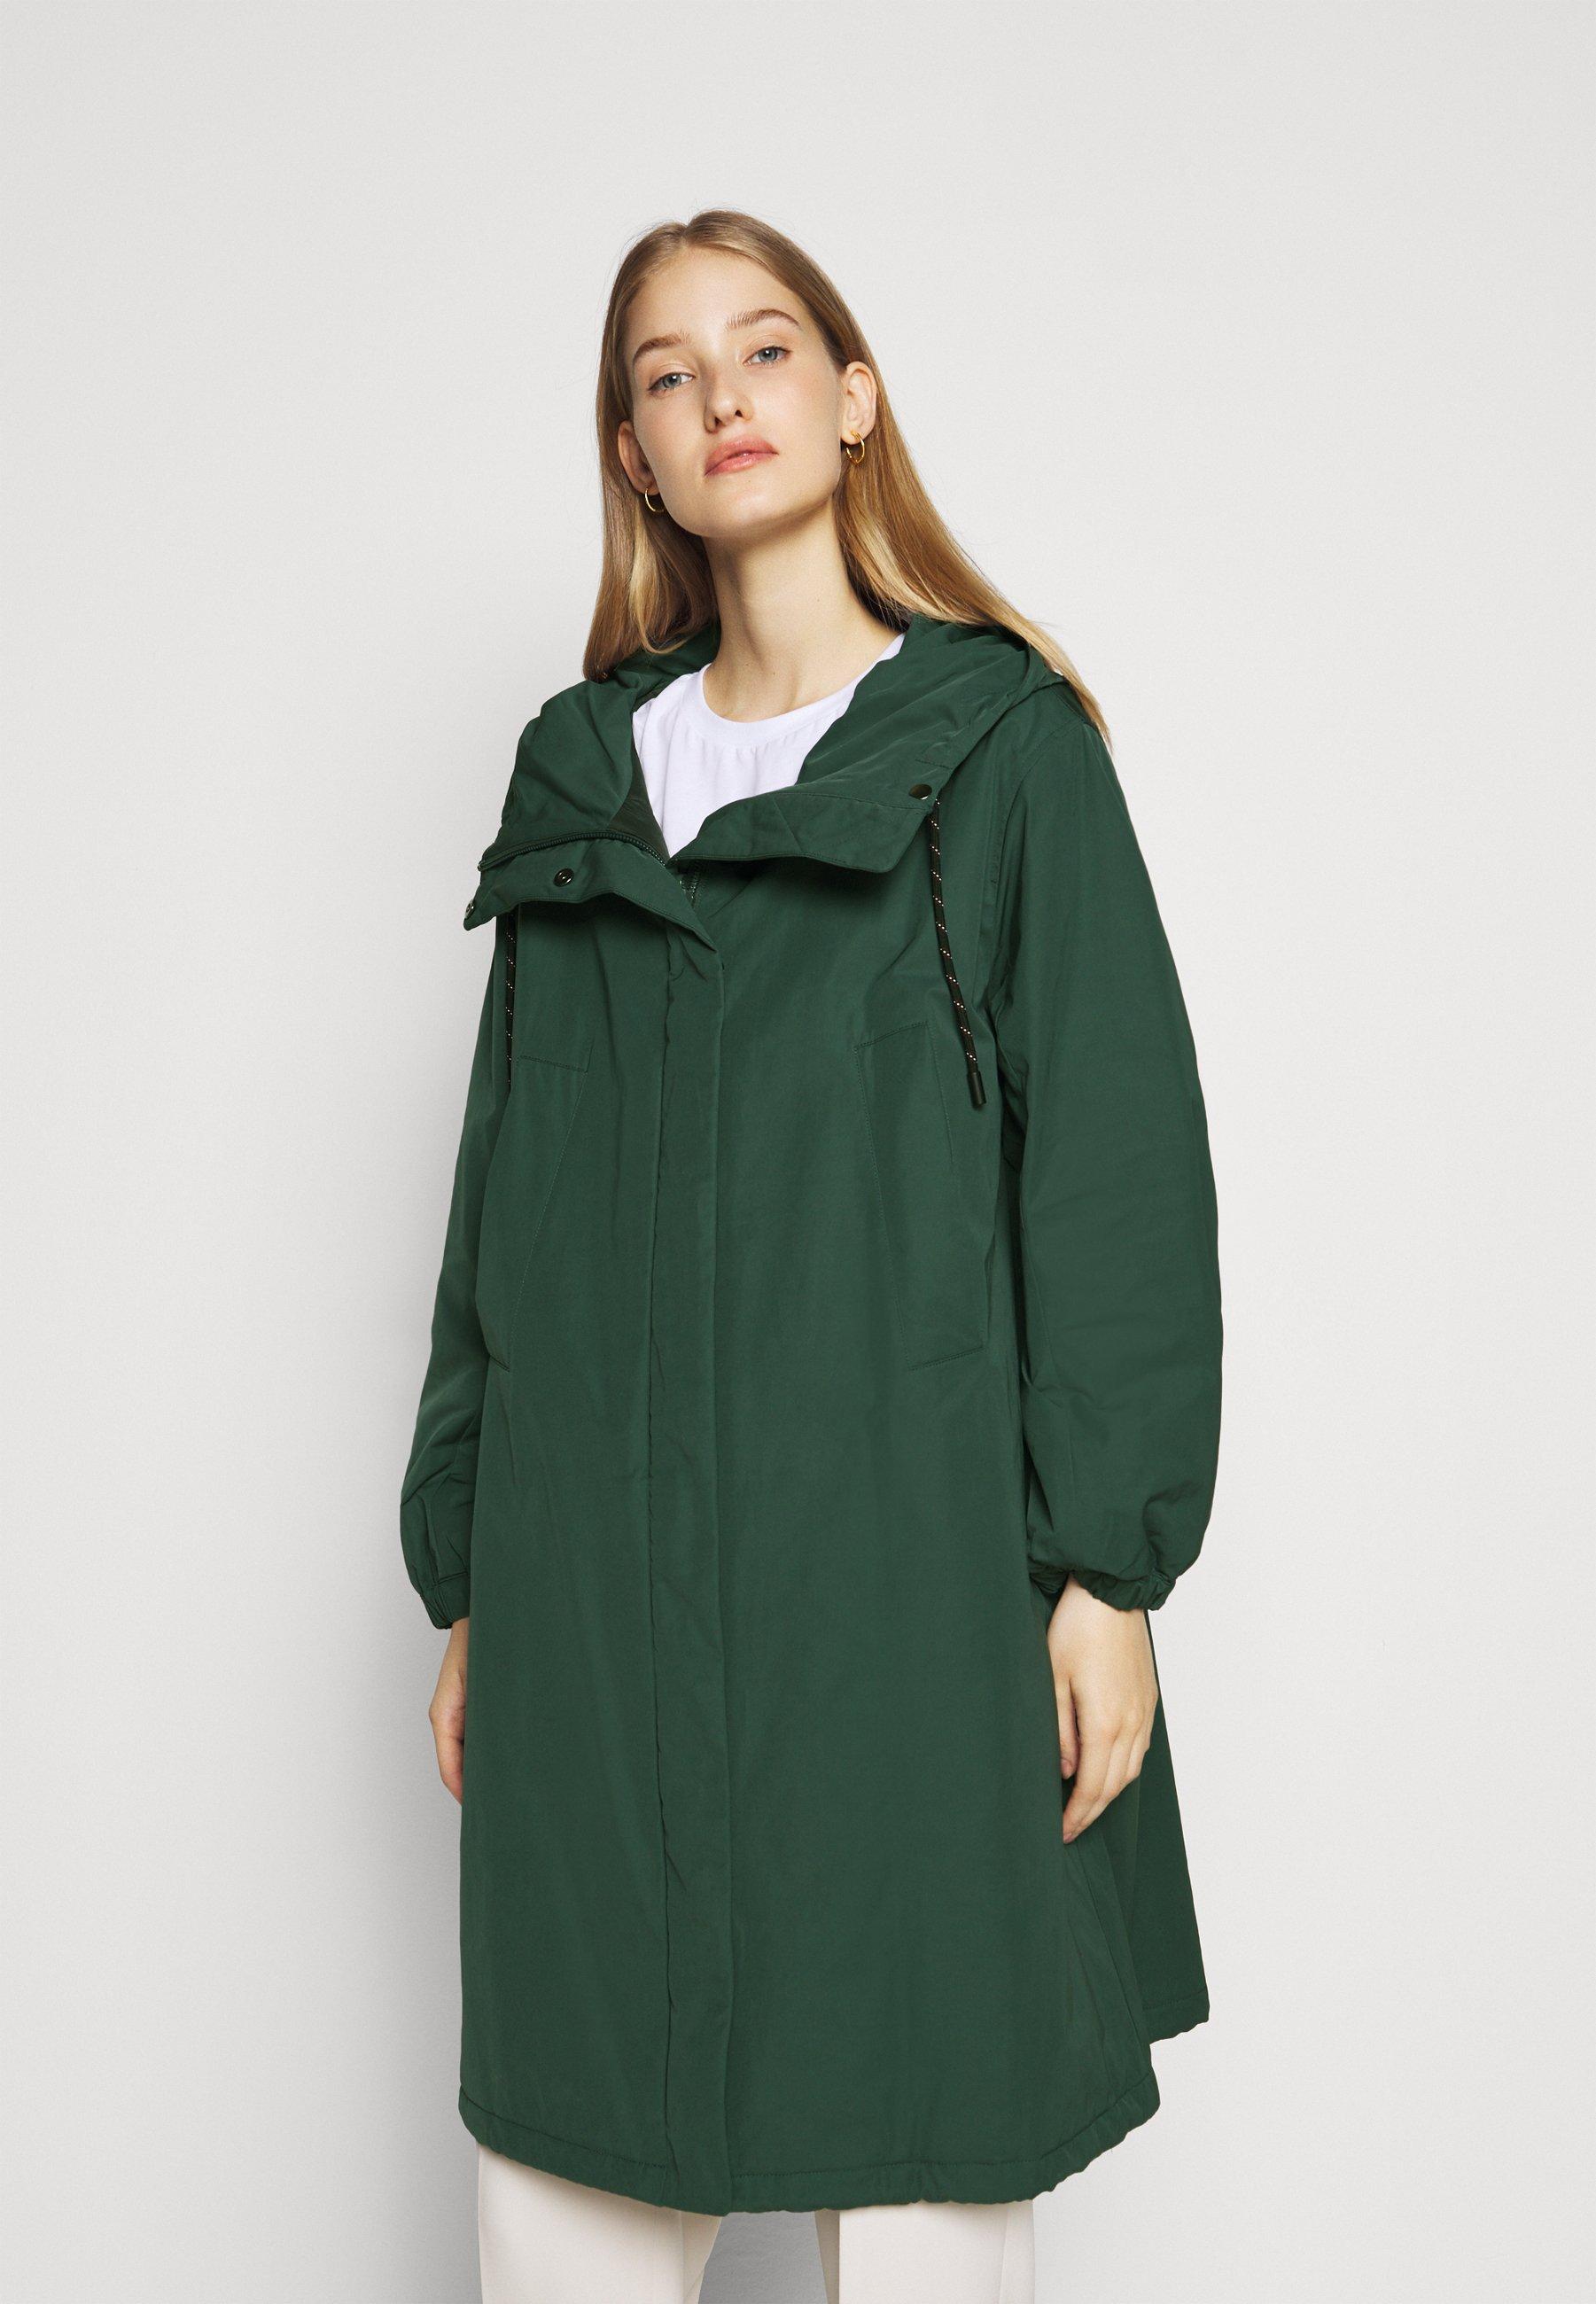 Super Women's Clothing WEEKEND MaxMara CLIMA Parka gruen QUWwT2Zvp